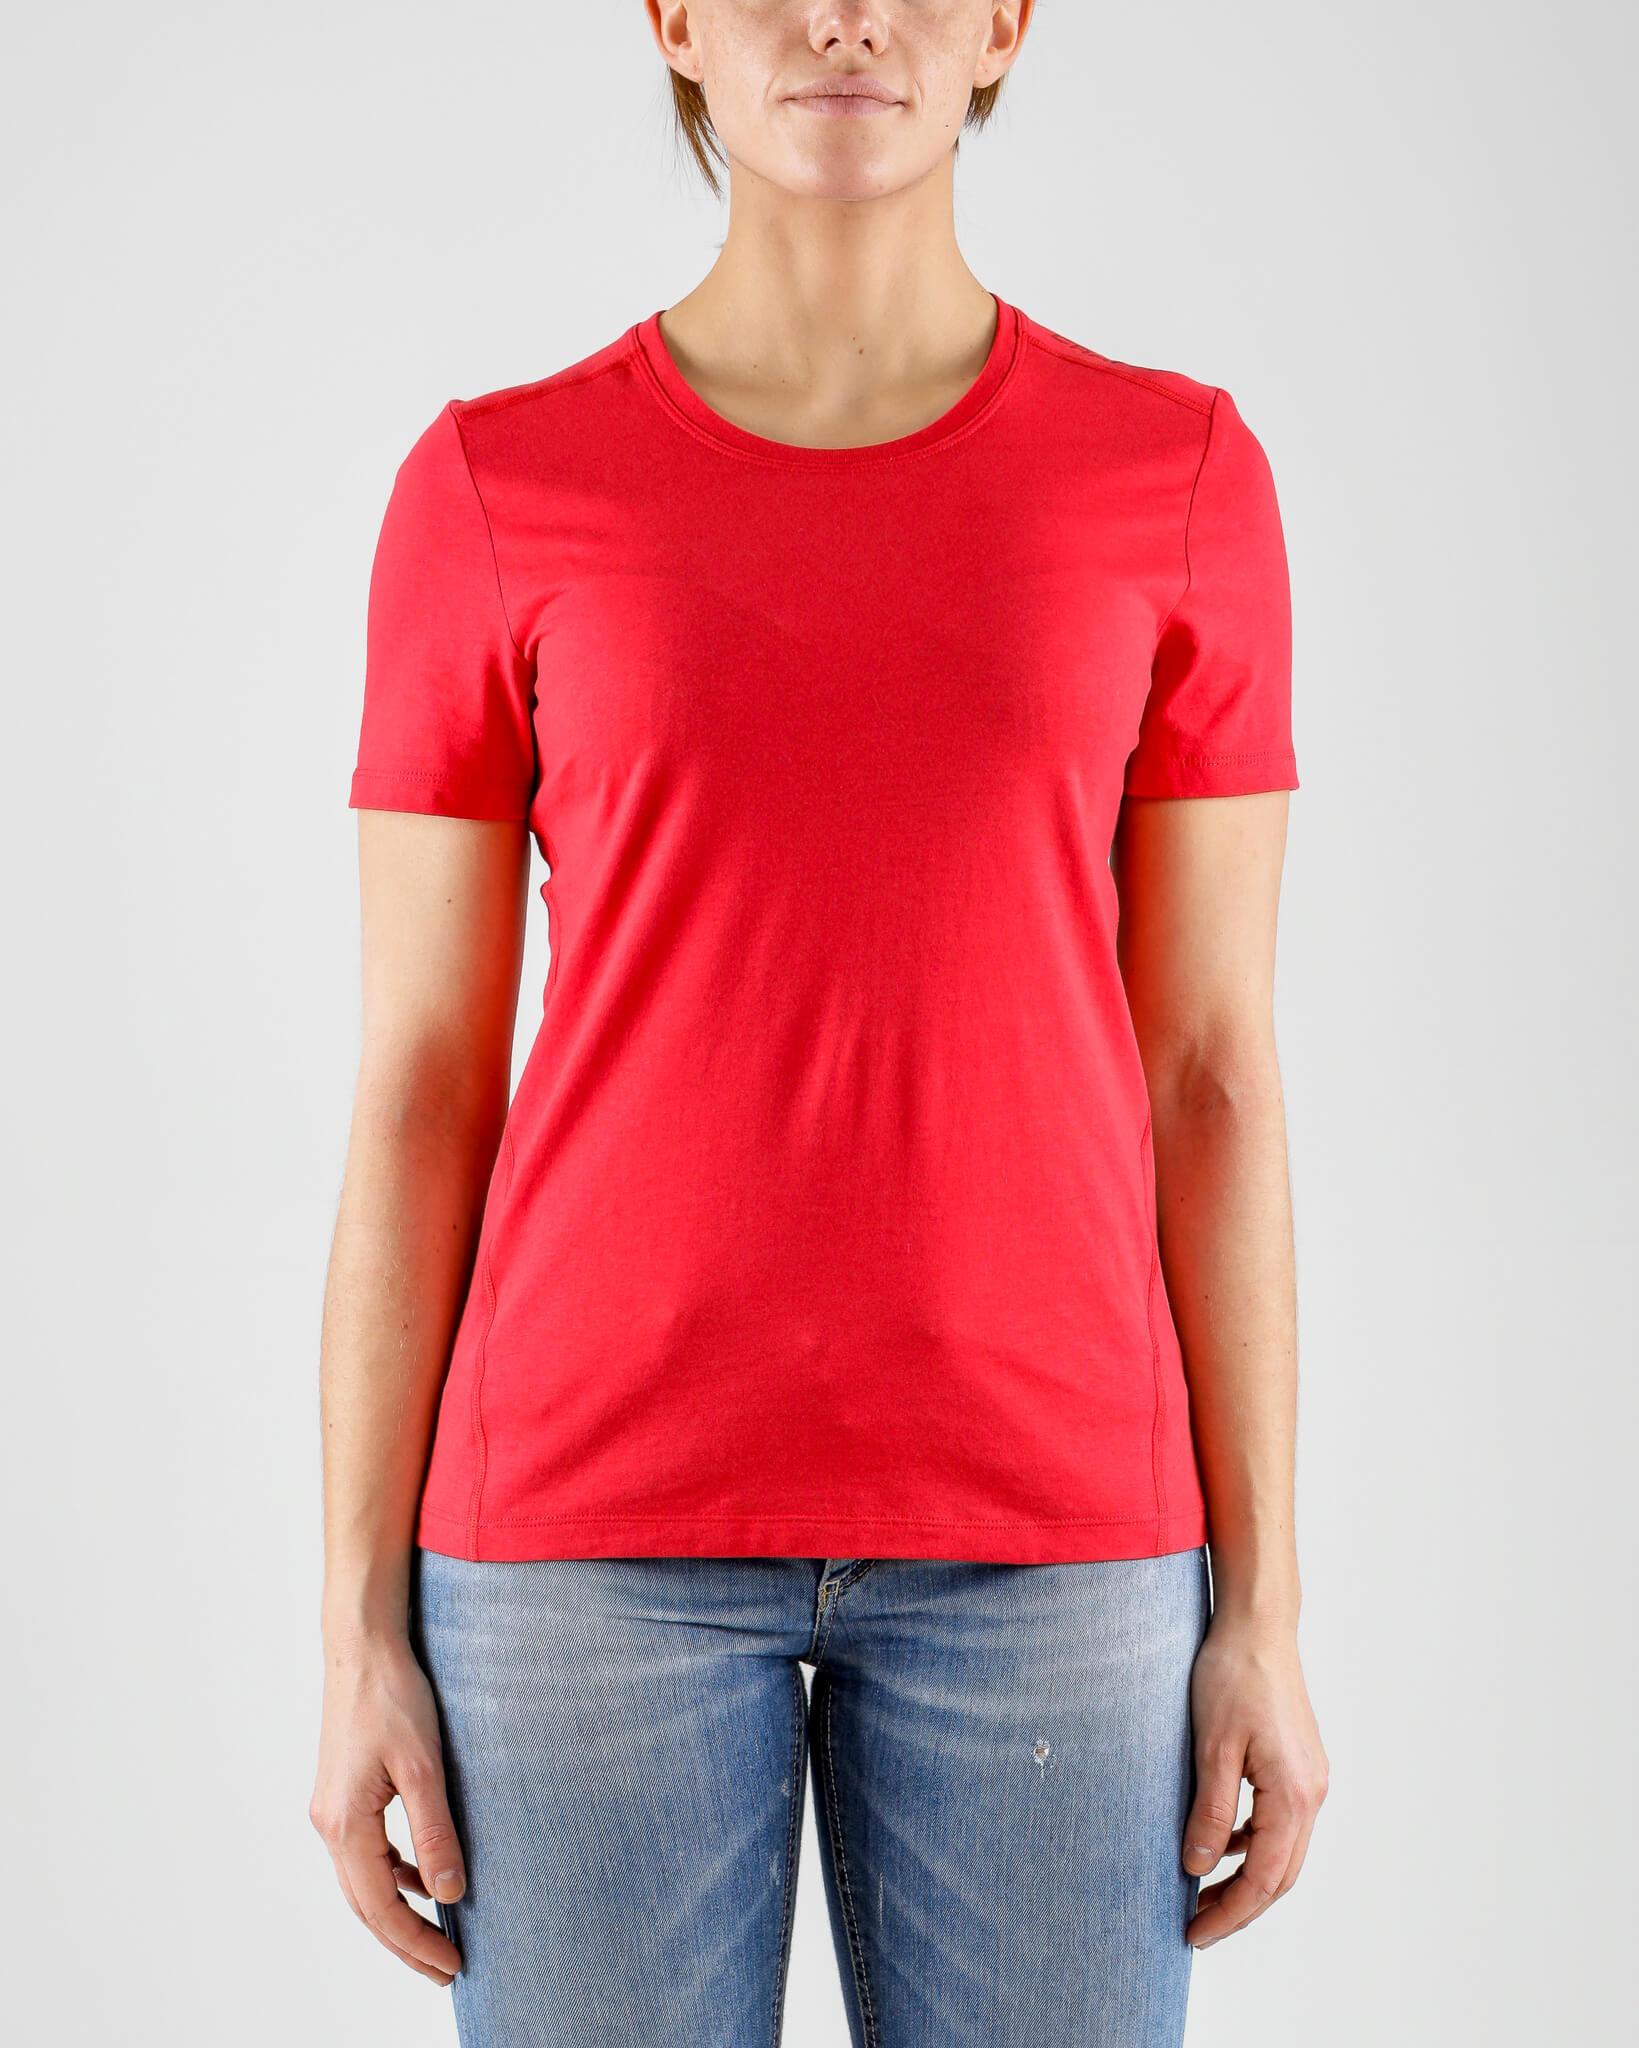 Craft Deft 2.0 футболка женская красная - 2